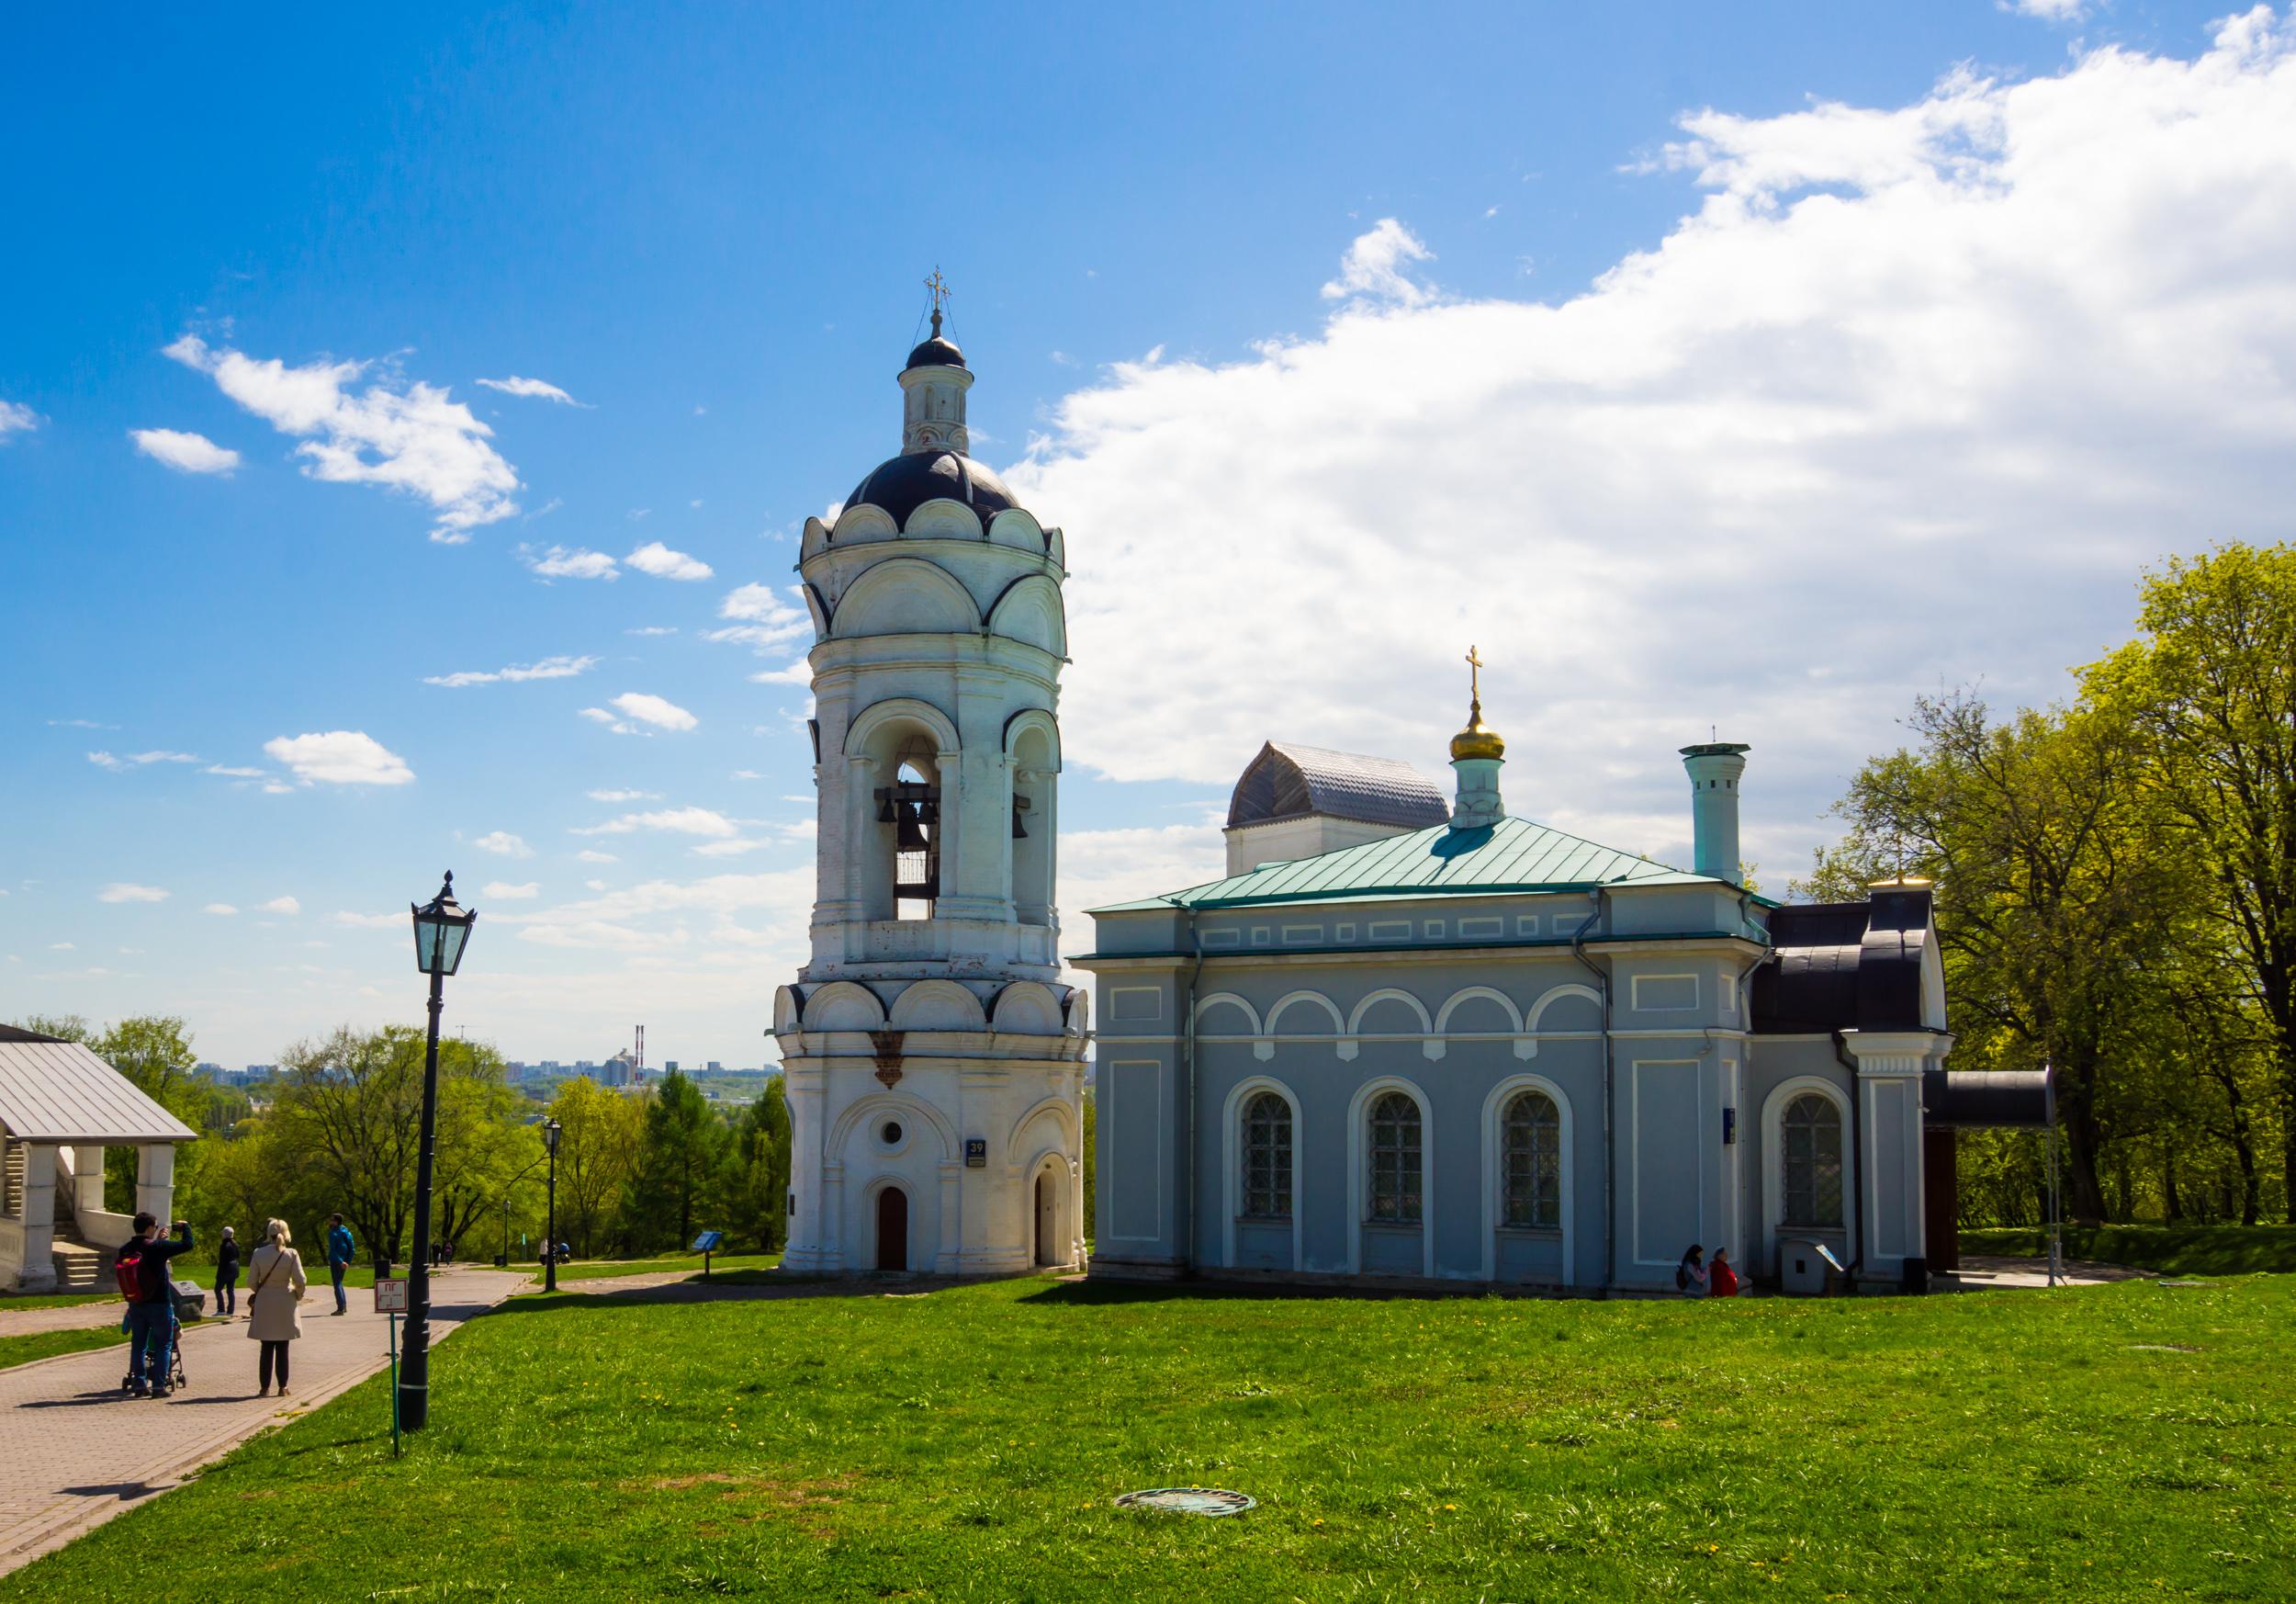 Церковь Святого Георгия с Колокольней. Сама церковь была построена на месте древней церкви в 19 веке. Колокольня же построена в 16 веке. В 14 веке на этом месте стояла деревянная церковь, построенная по приказу Дмитрия Донского в память о Куликовском сражении.